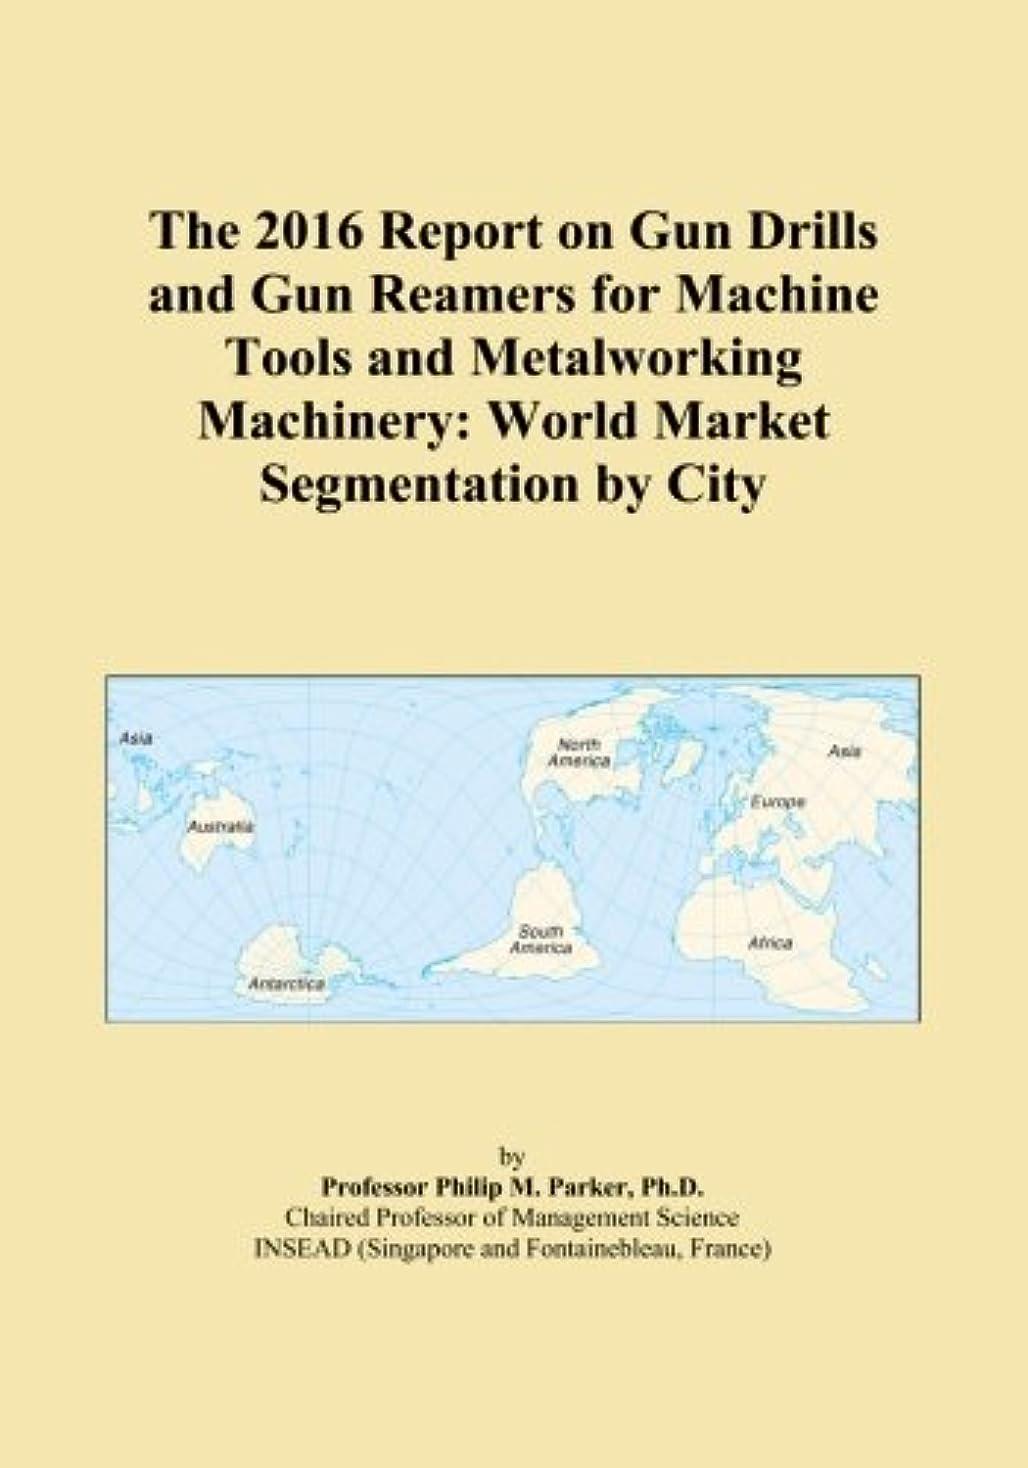 軽蔑便利さ悪質なThe 2016 Report on Gun Drills and Gun Reamers for Machine Tools and Metalworking Machinery: World Market Segmentation by City